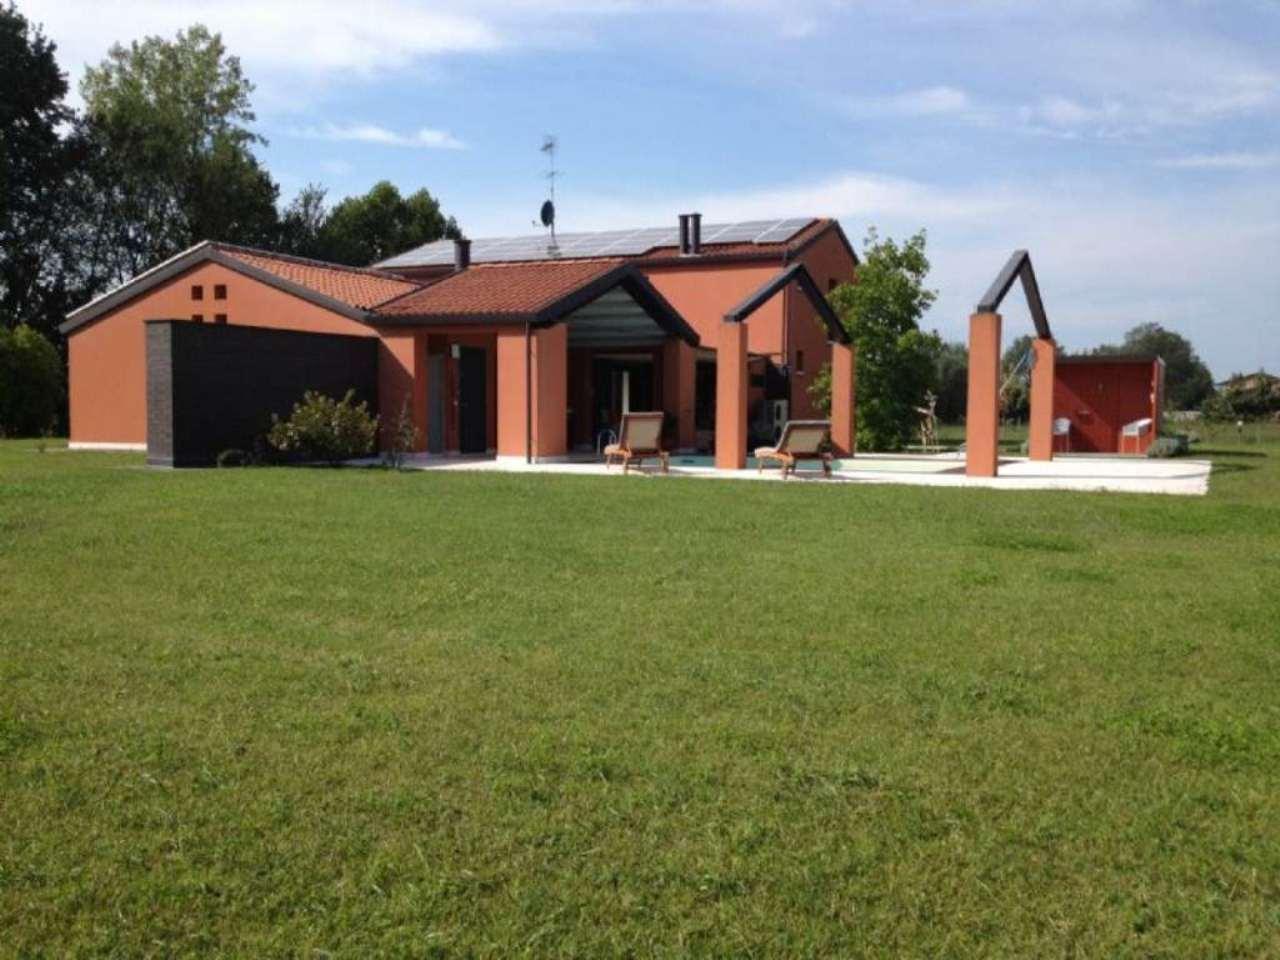 Villa in vendita a Castelfranco Veneto, 8 locali, prezzo € 750.000 | CambioCasa.it